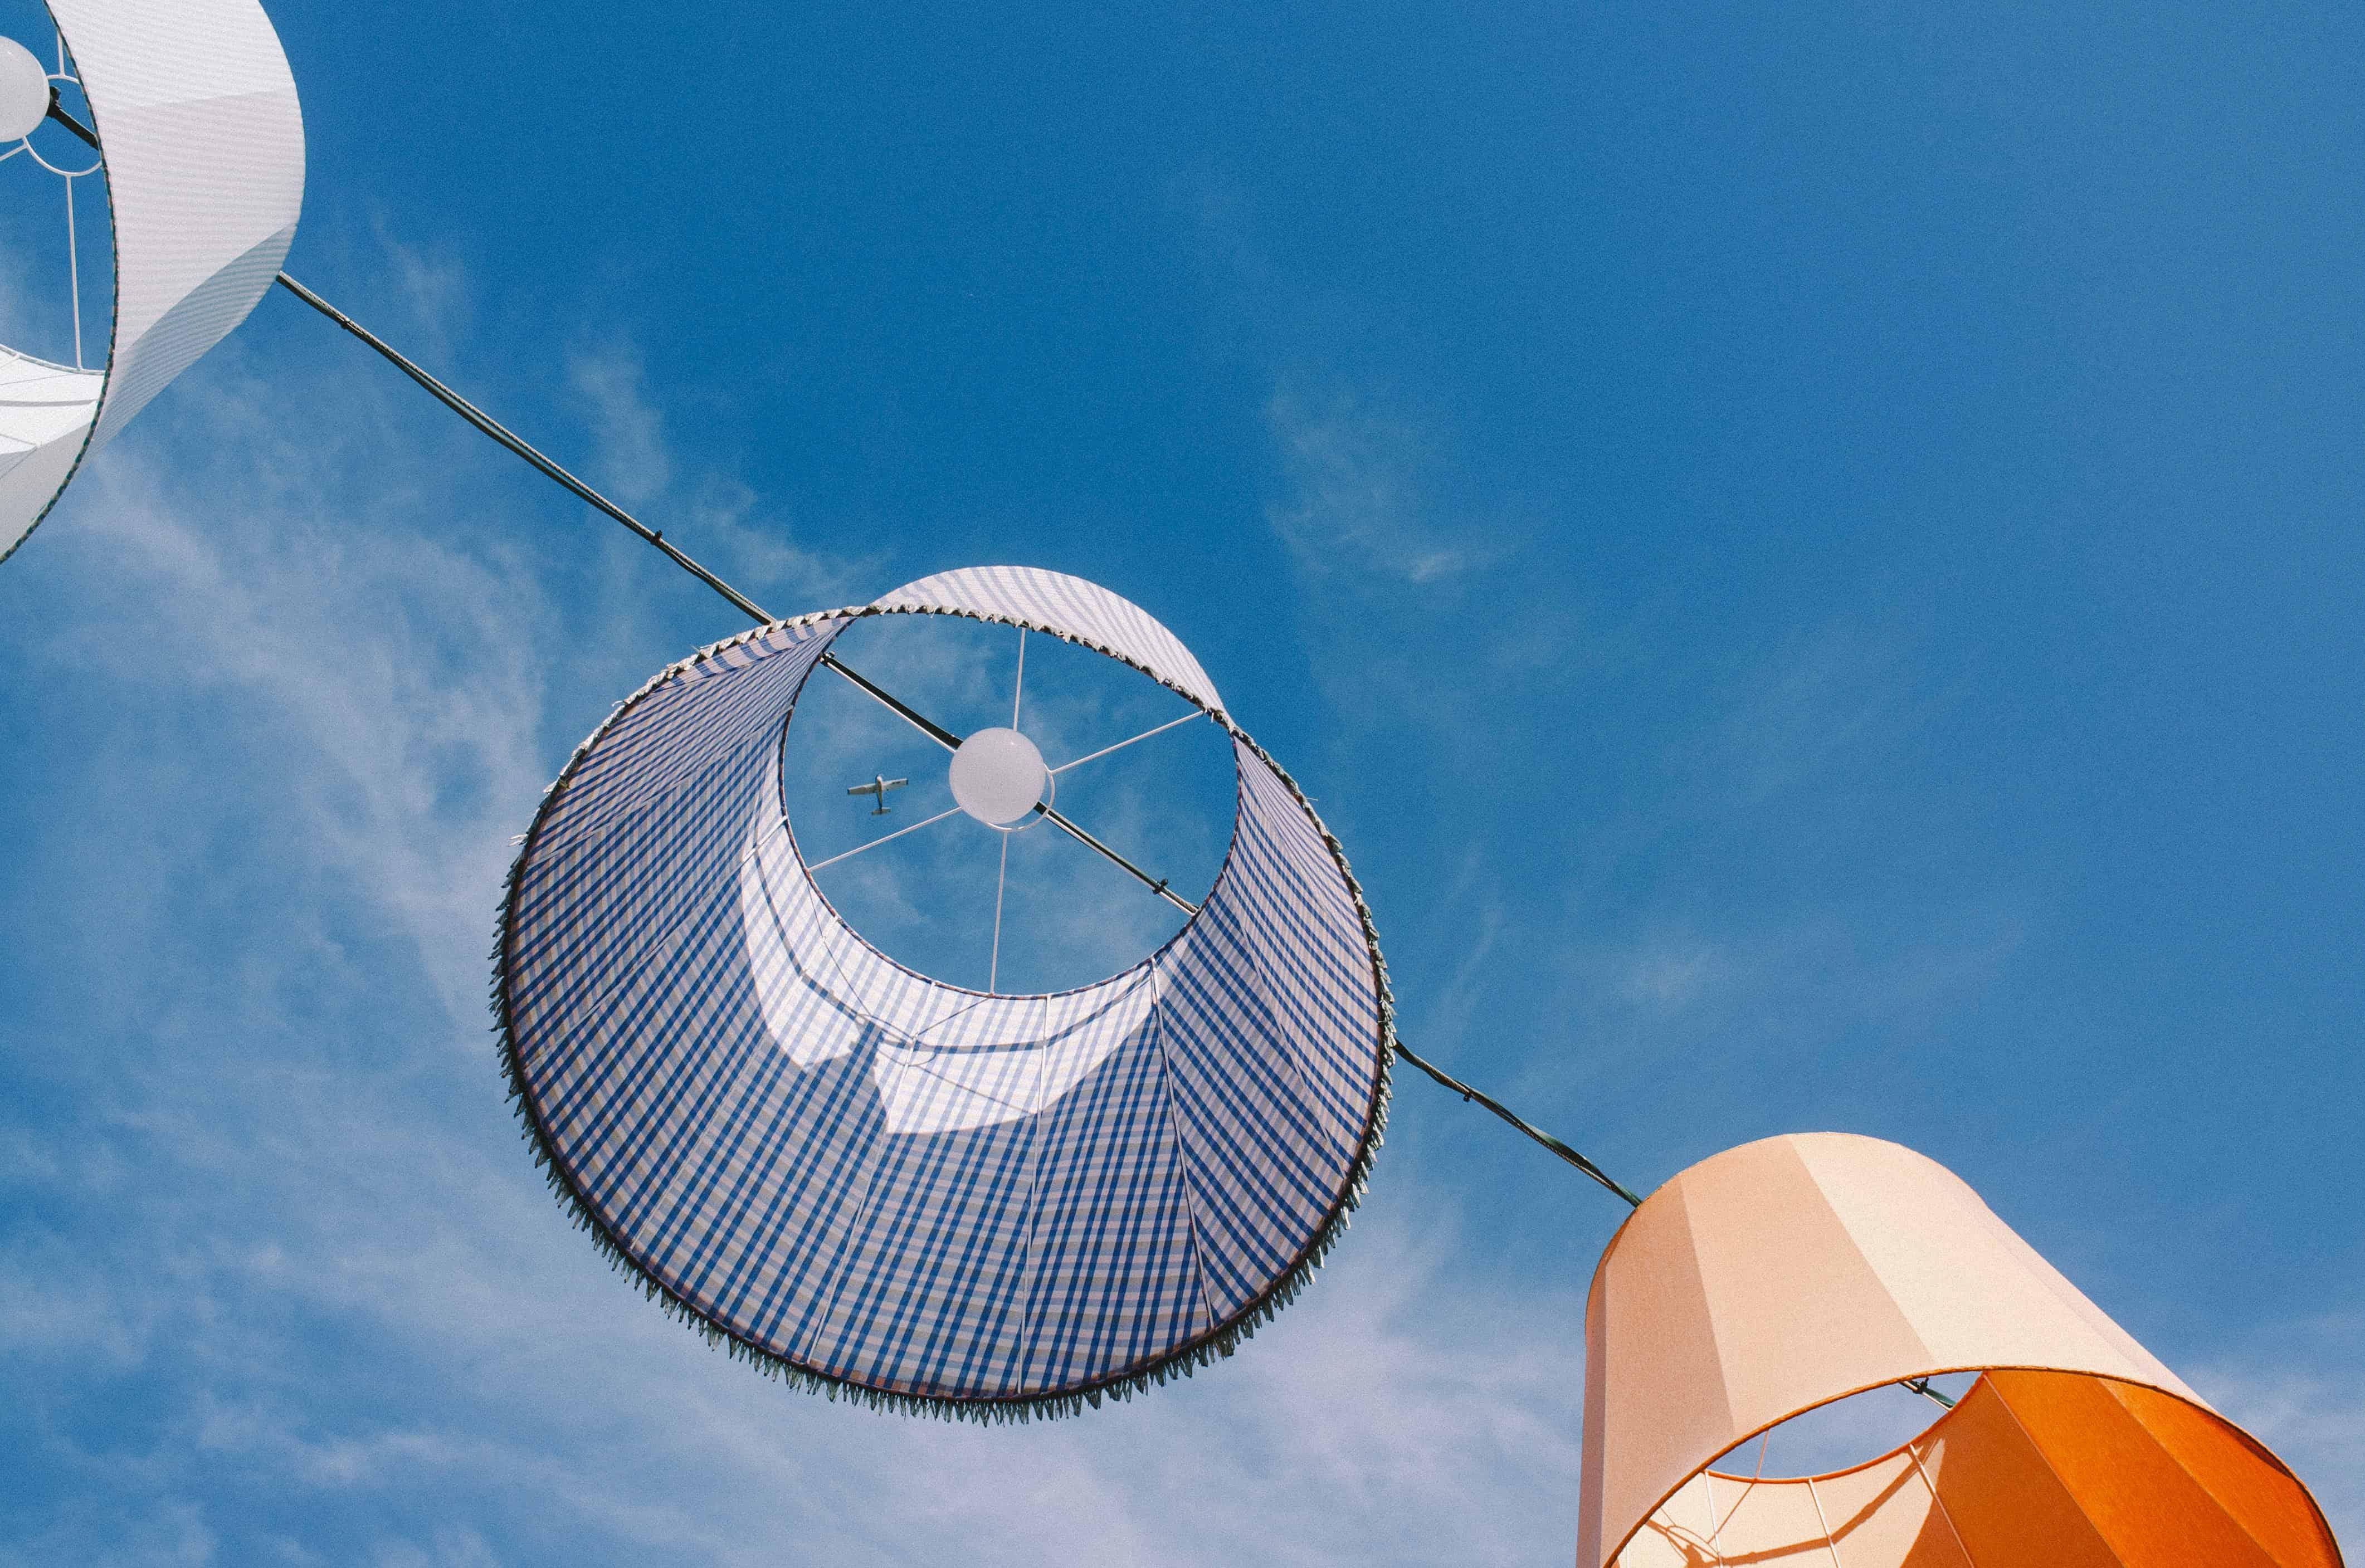 Tageslichtlampe: Test & Empfehlungen (01/20) |